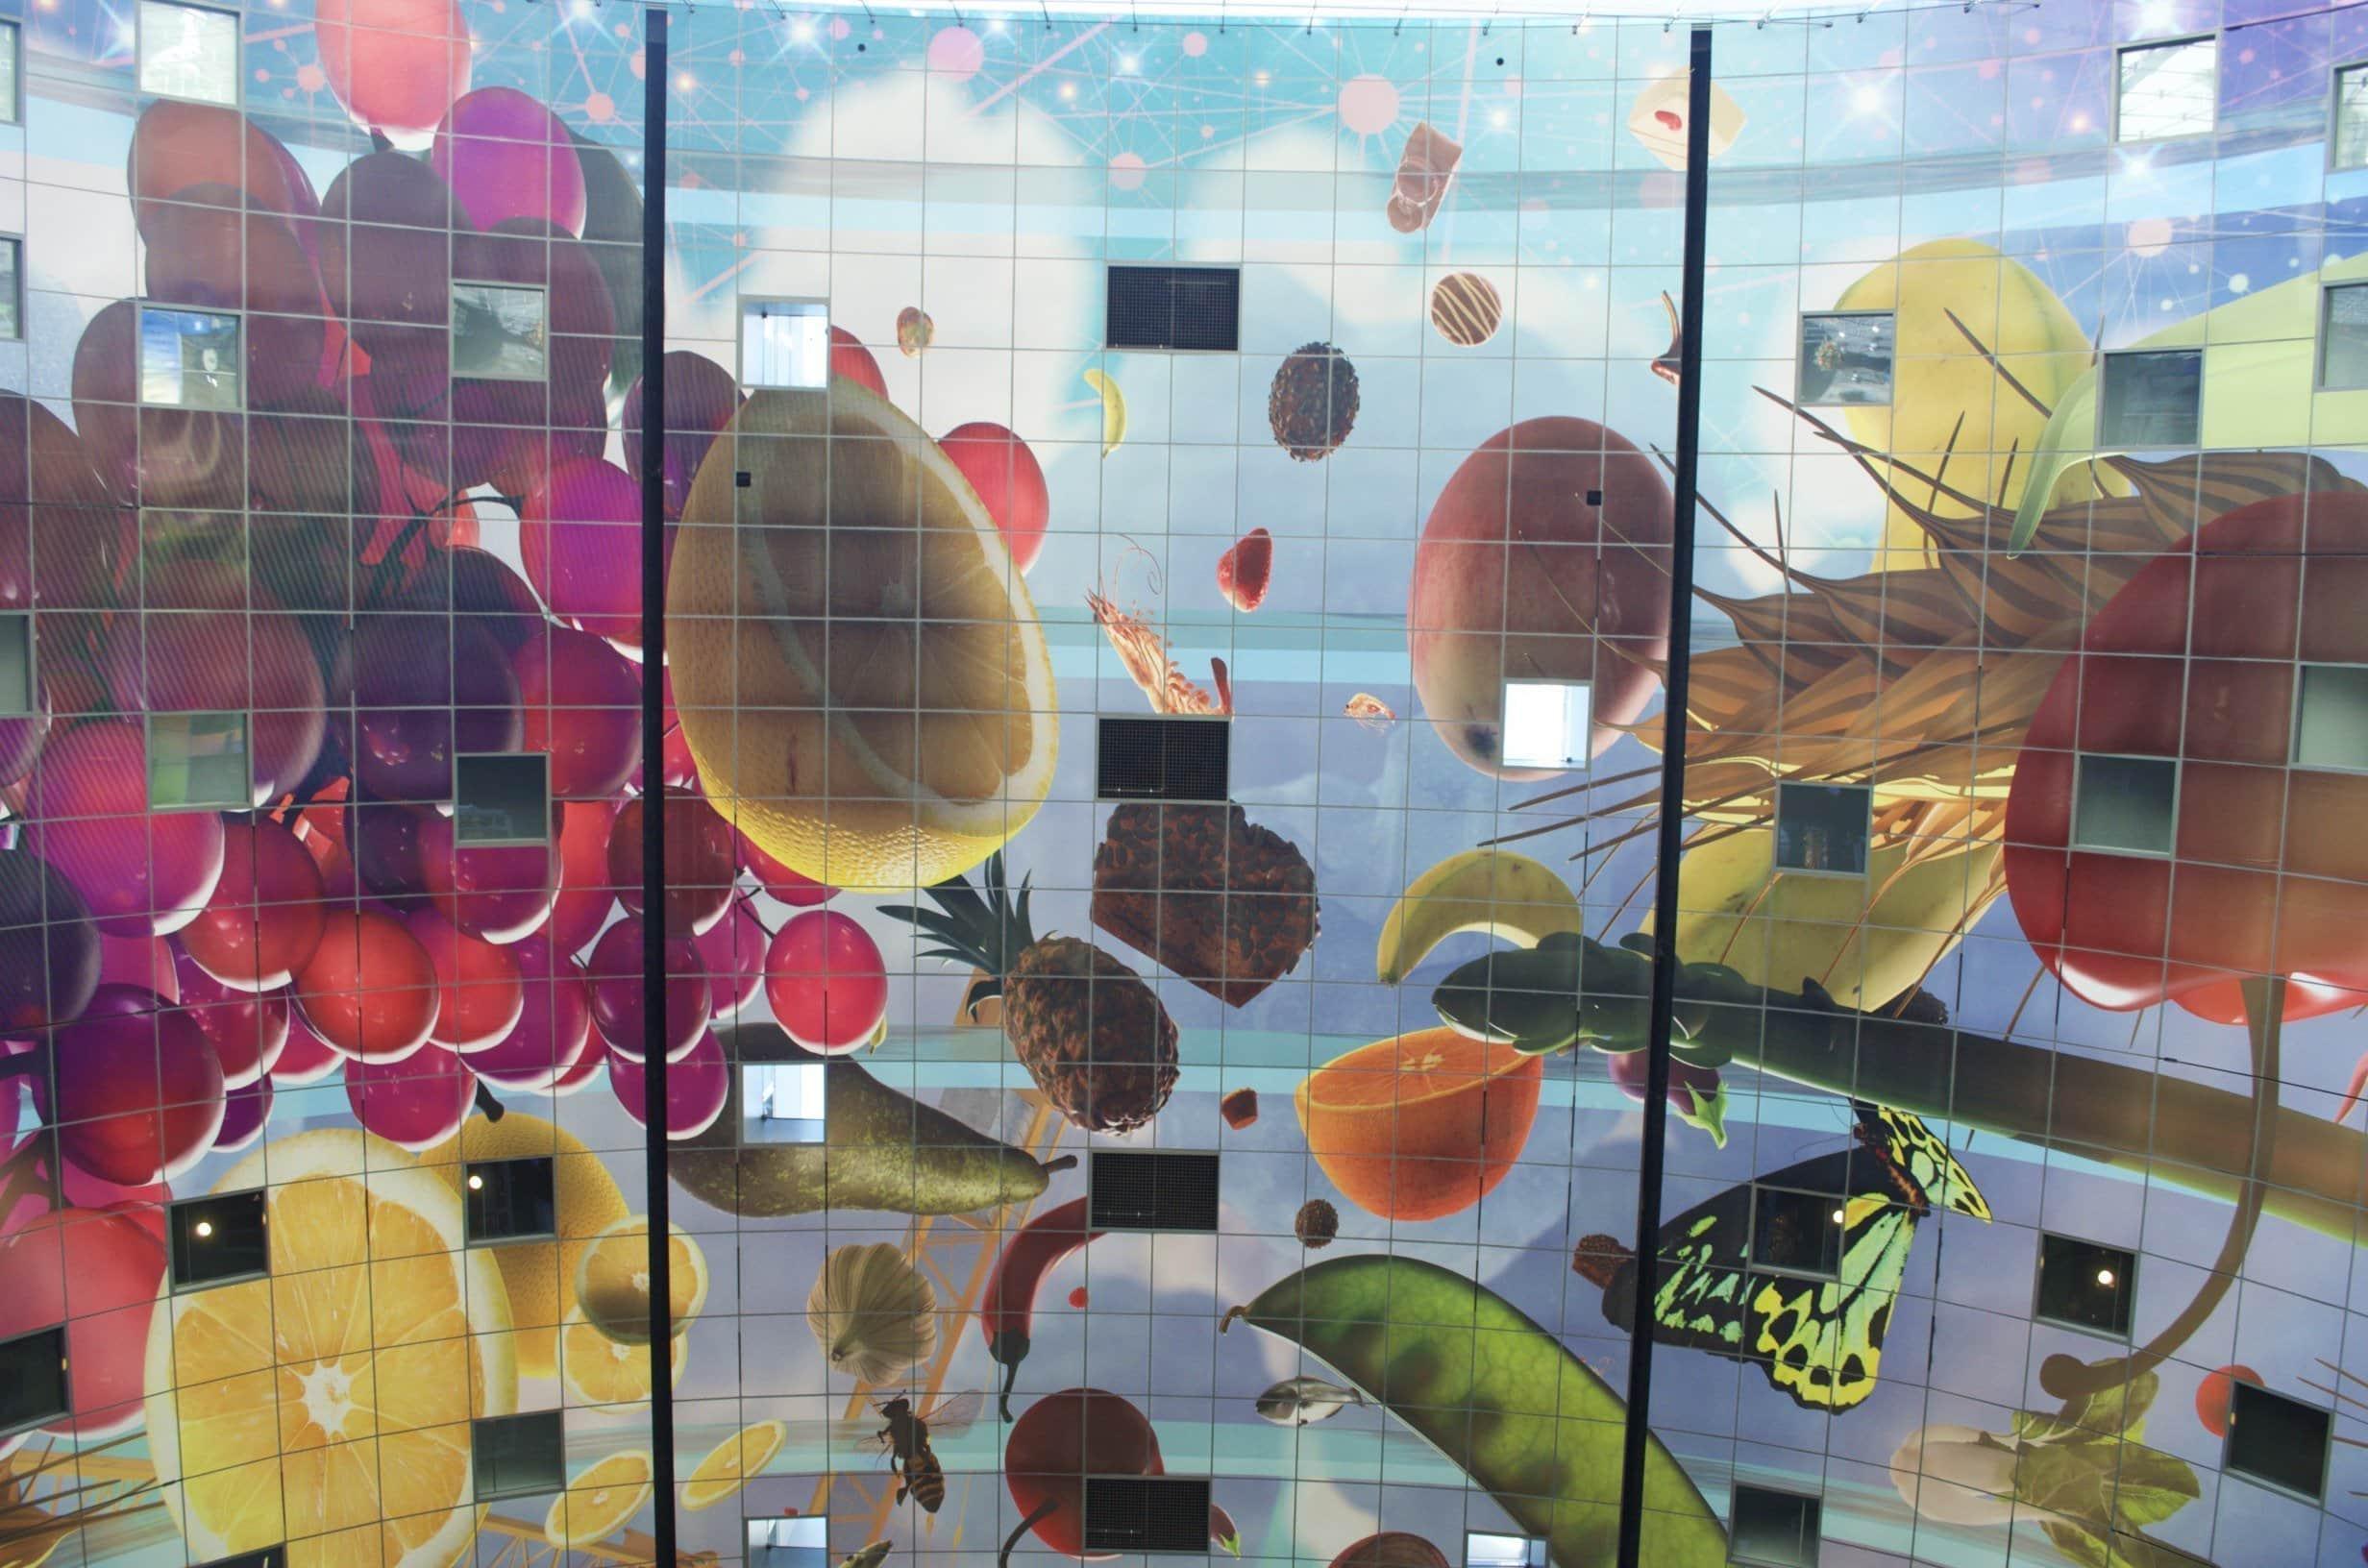 bunte Früchte an der Decke der Markthalle in Rotterdam